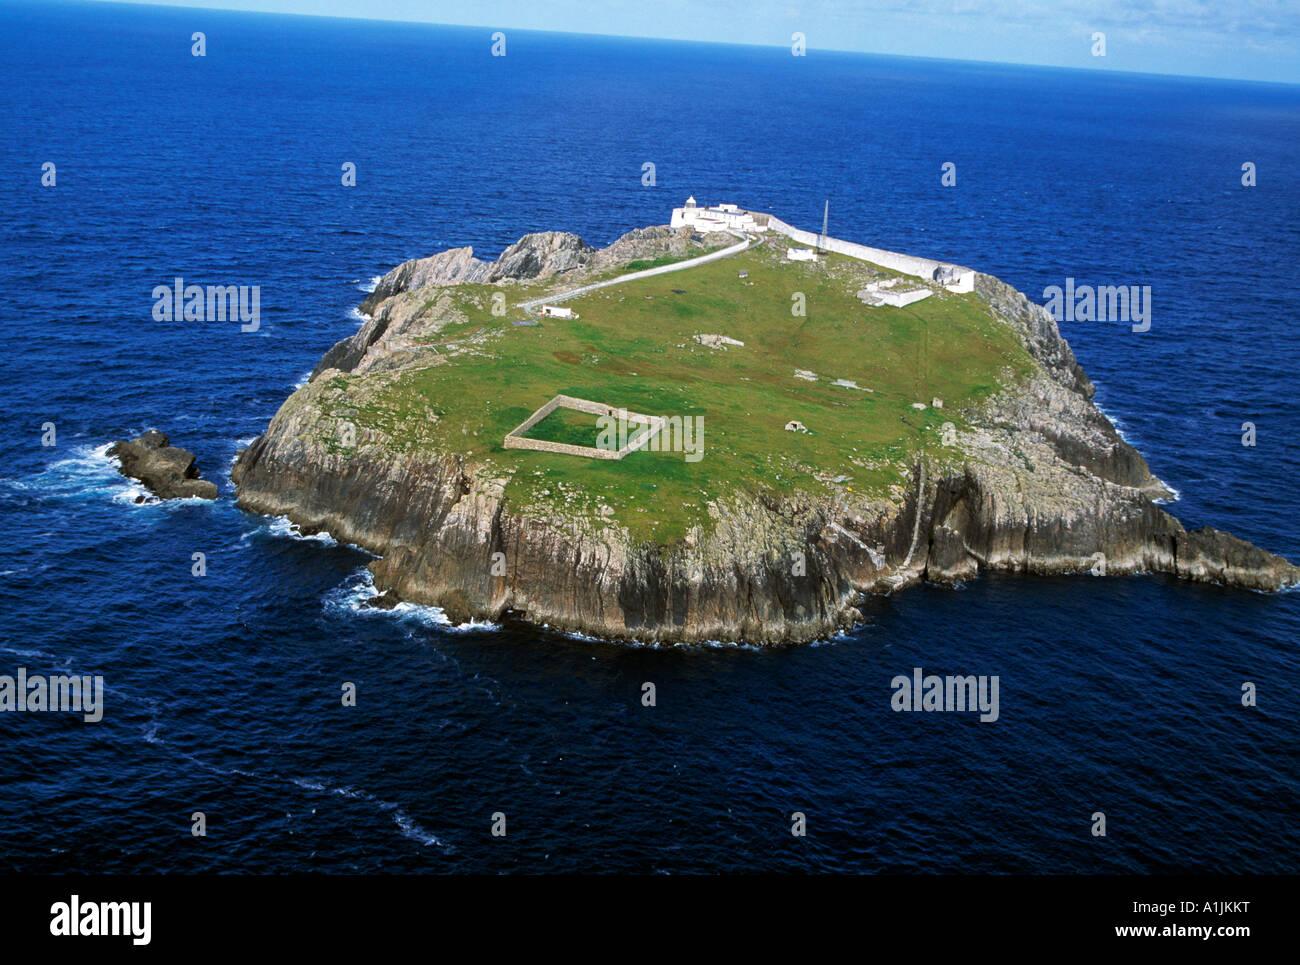 Eagle Island For Sale